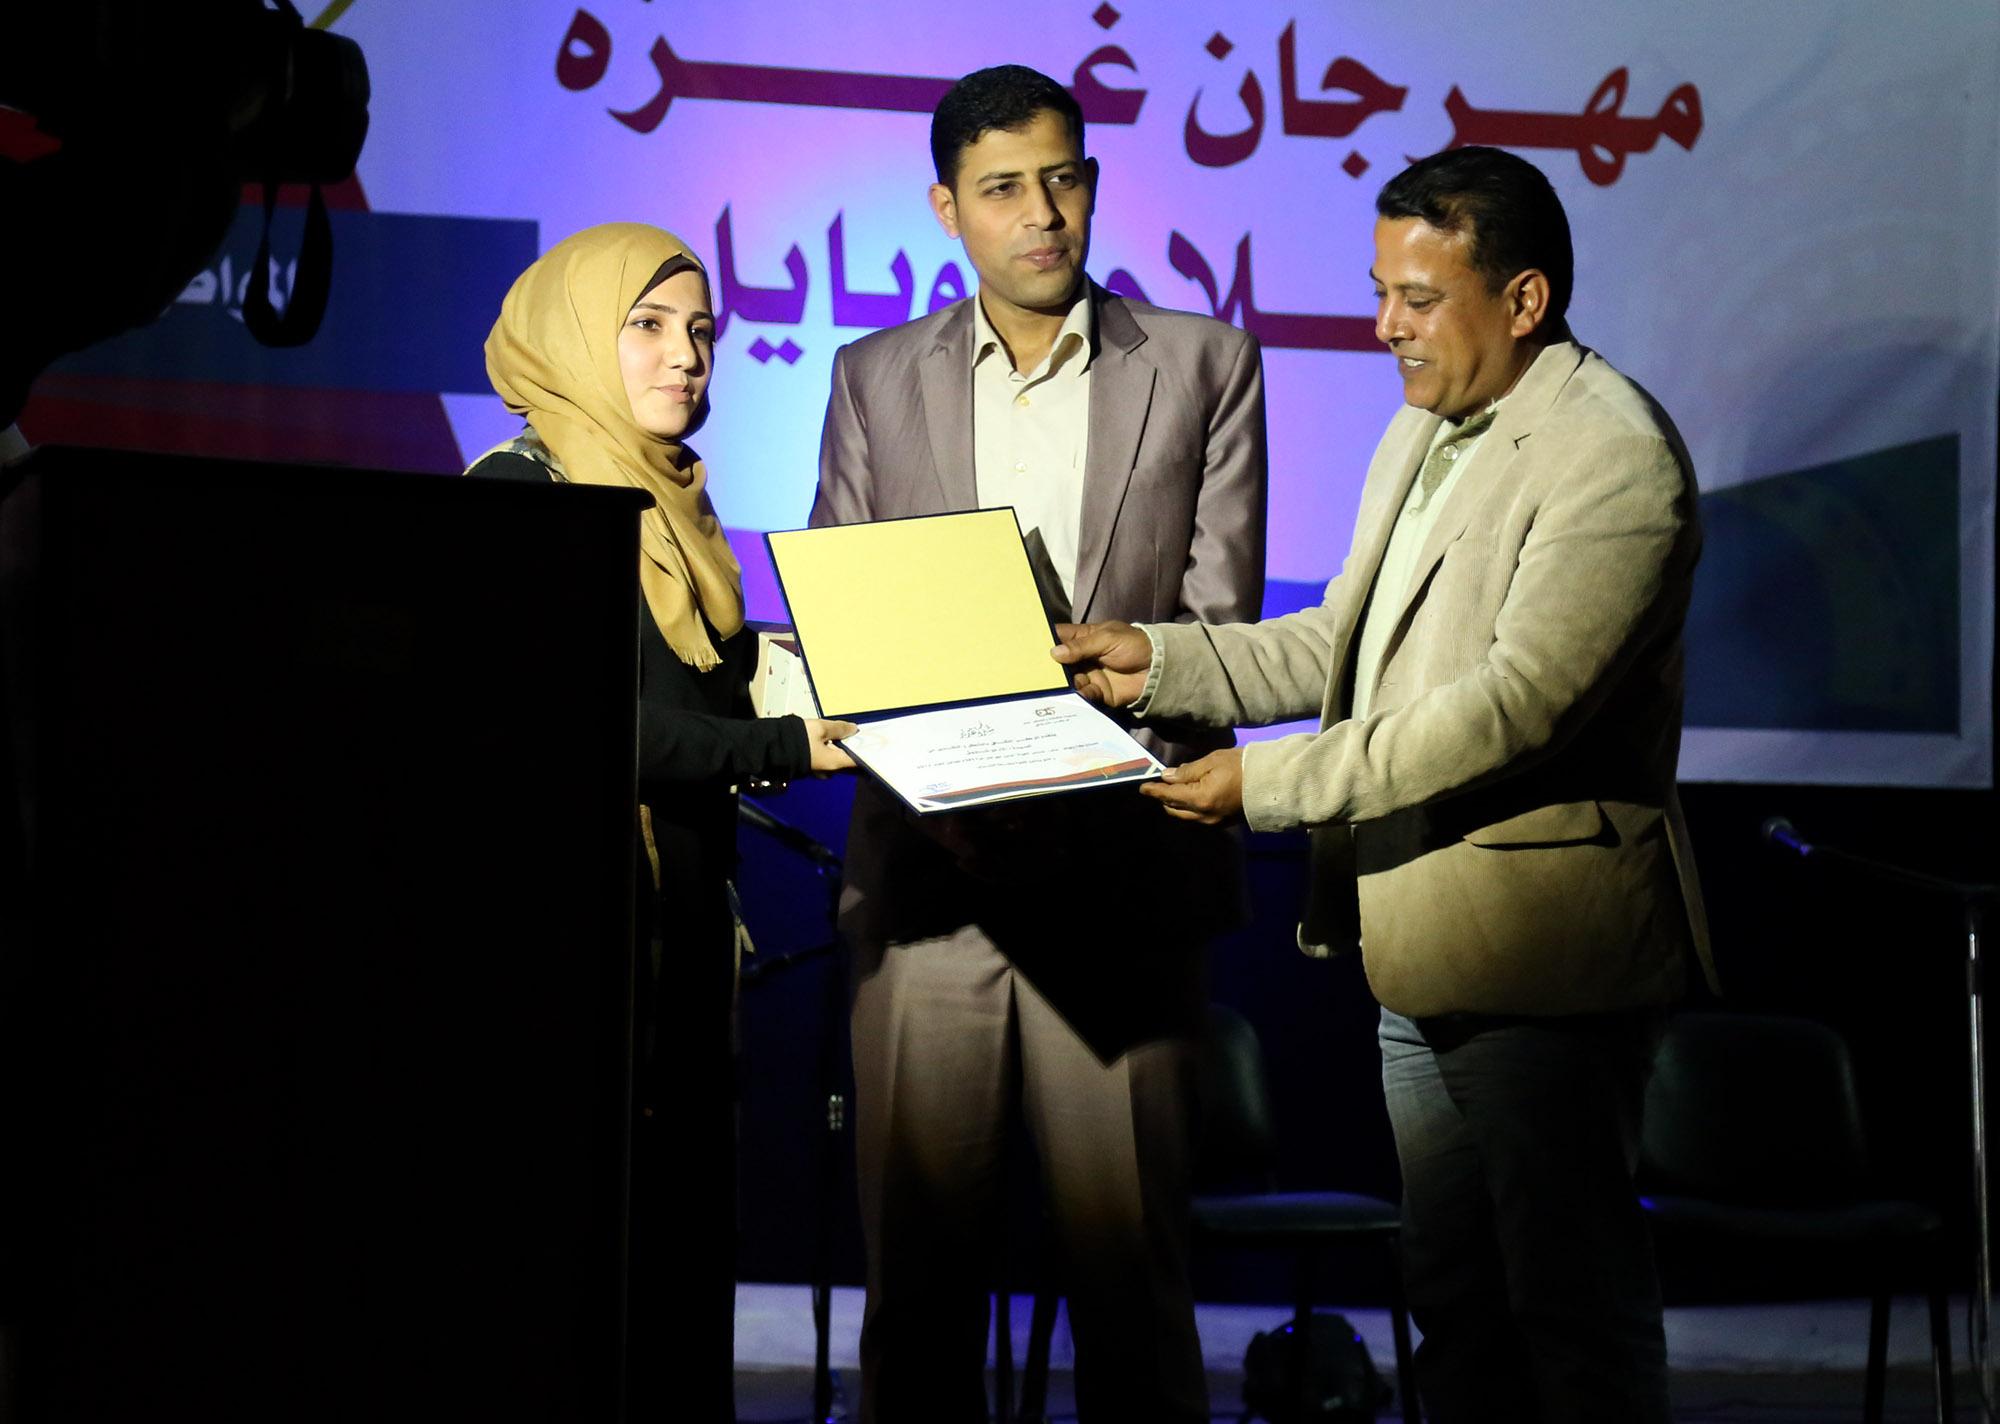 6 أفلام تحصد جوائز مهرجان غزة لأفلام الموبايل الأول